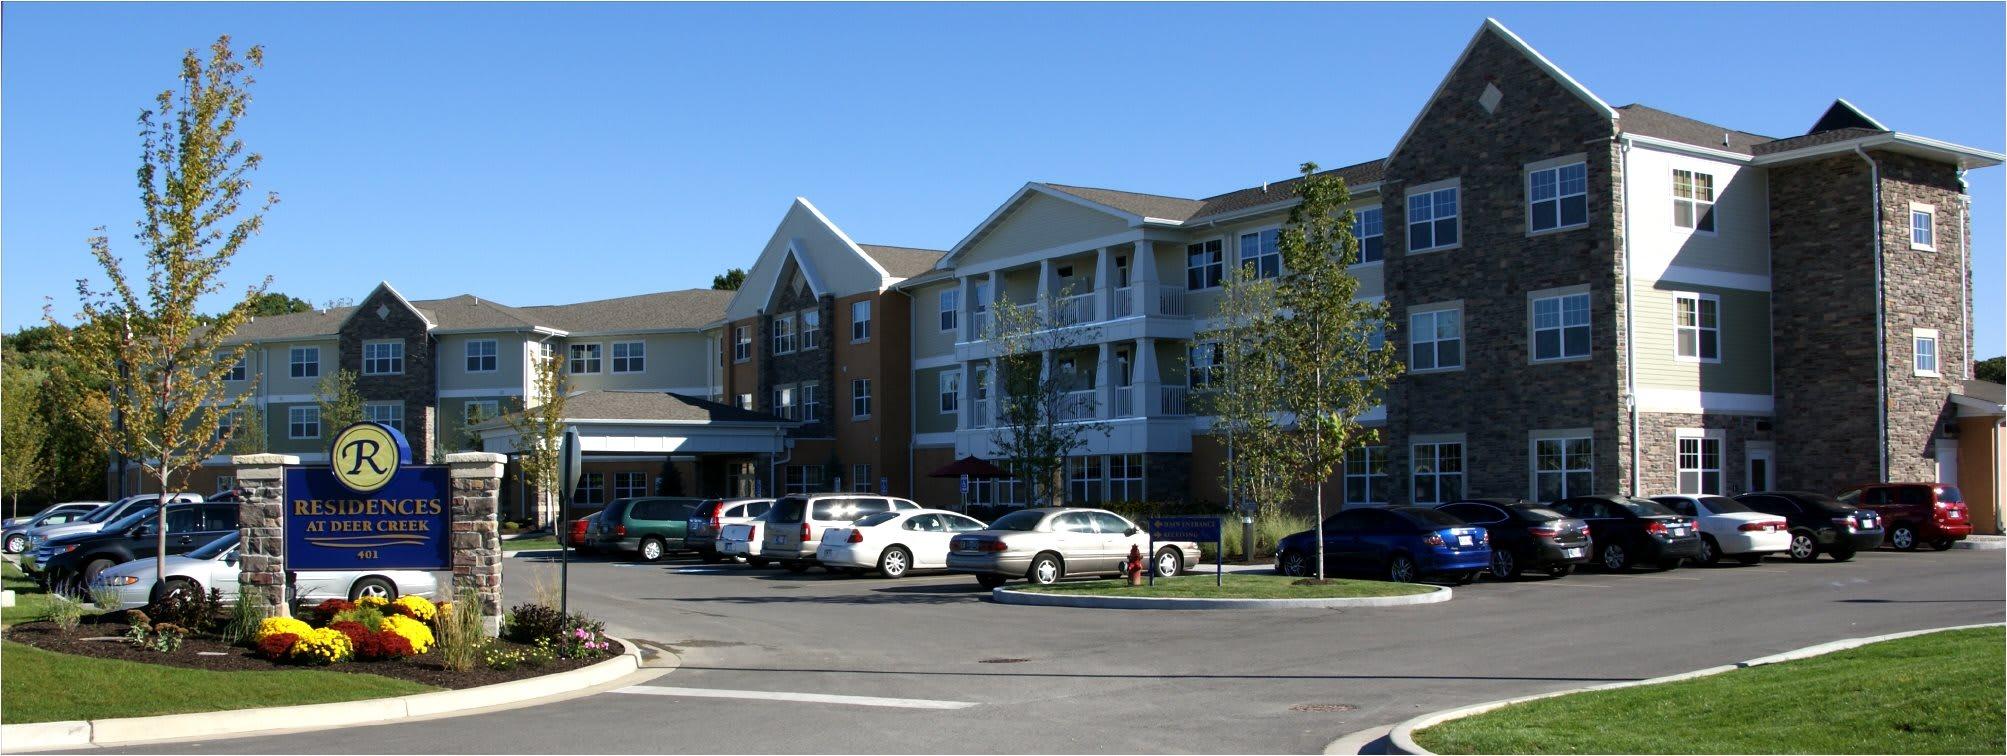 Photo 1 of Residences at Deer Creek